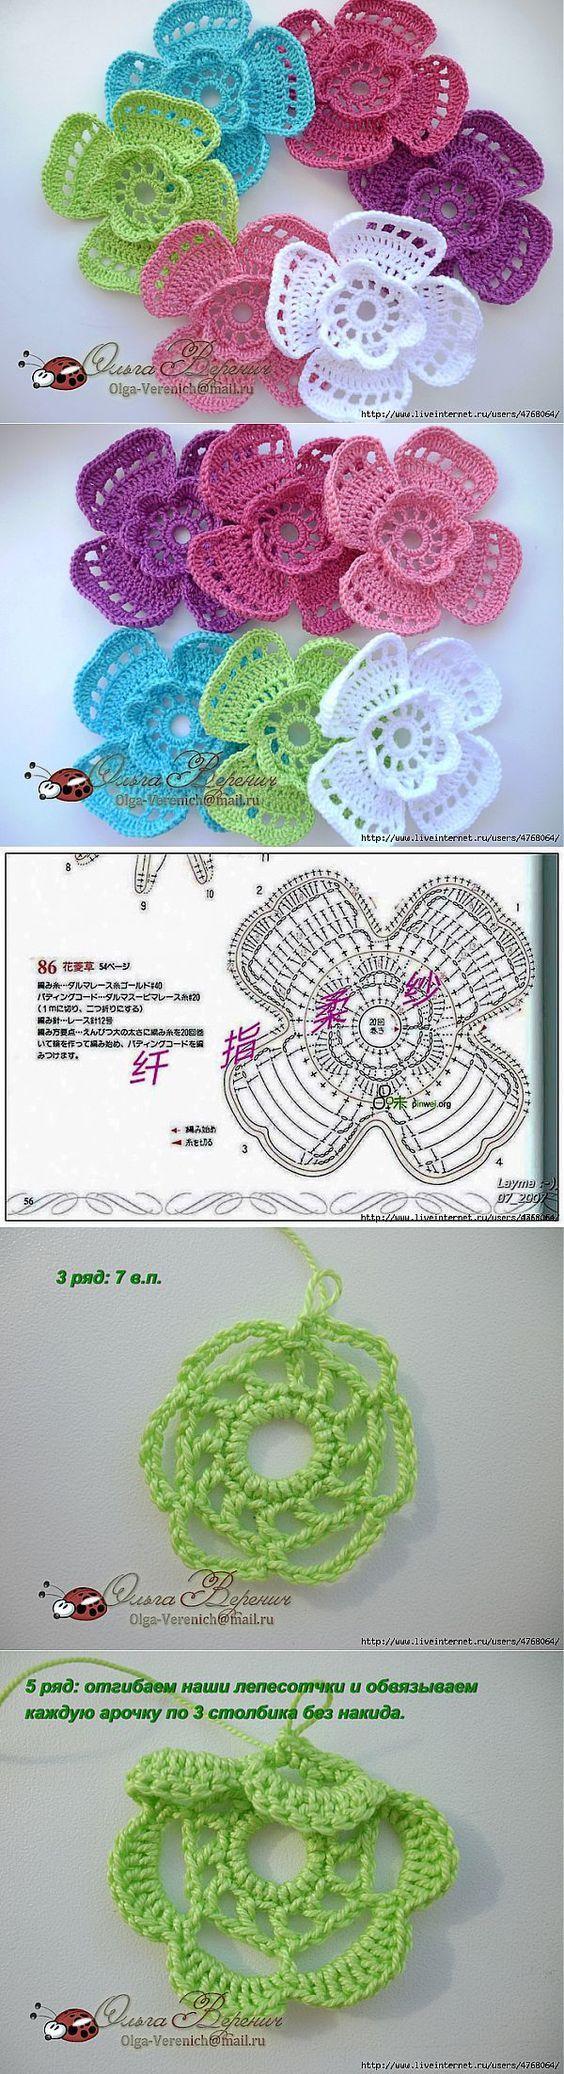 62 Best Flores De Fita Cetim Images On Pinterest Crochet Rose Crochetflowers Pretty Flower Diagram